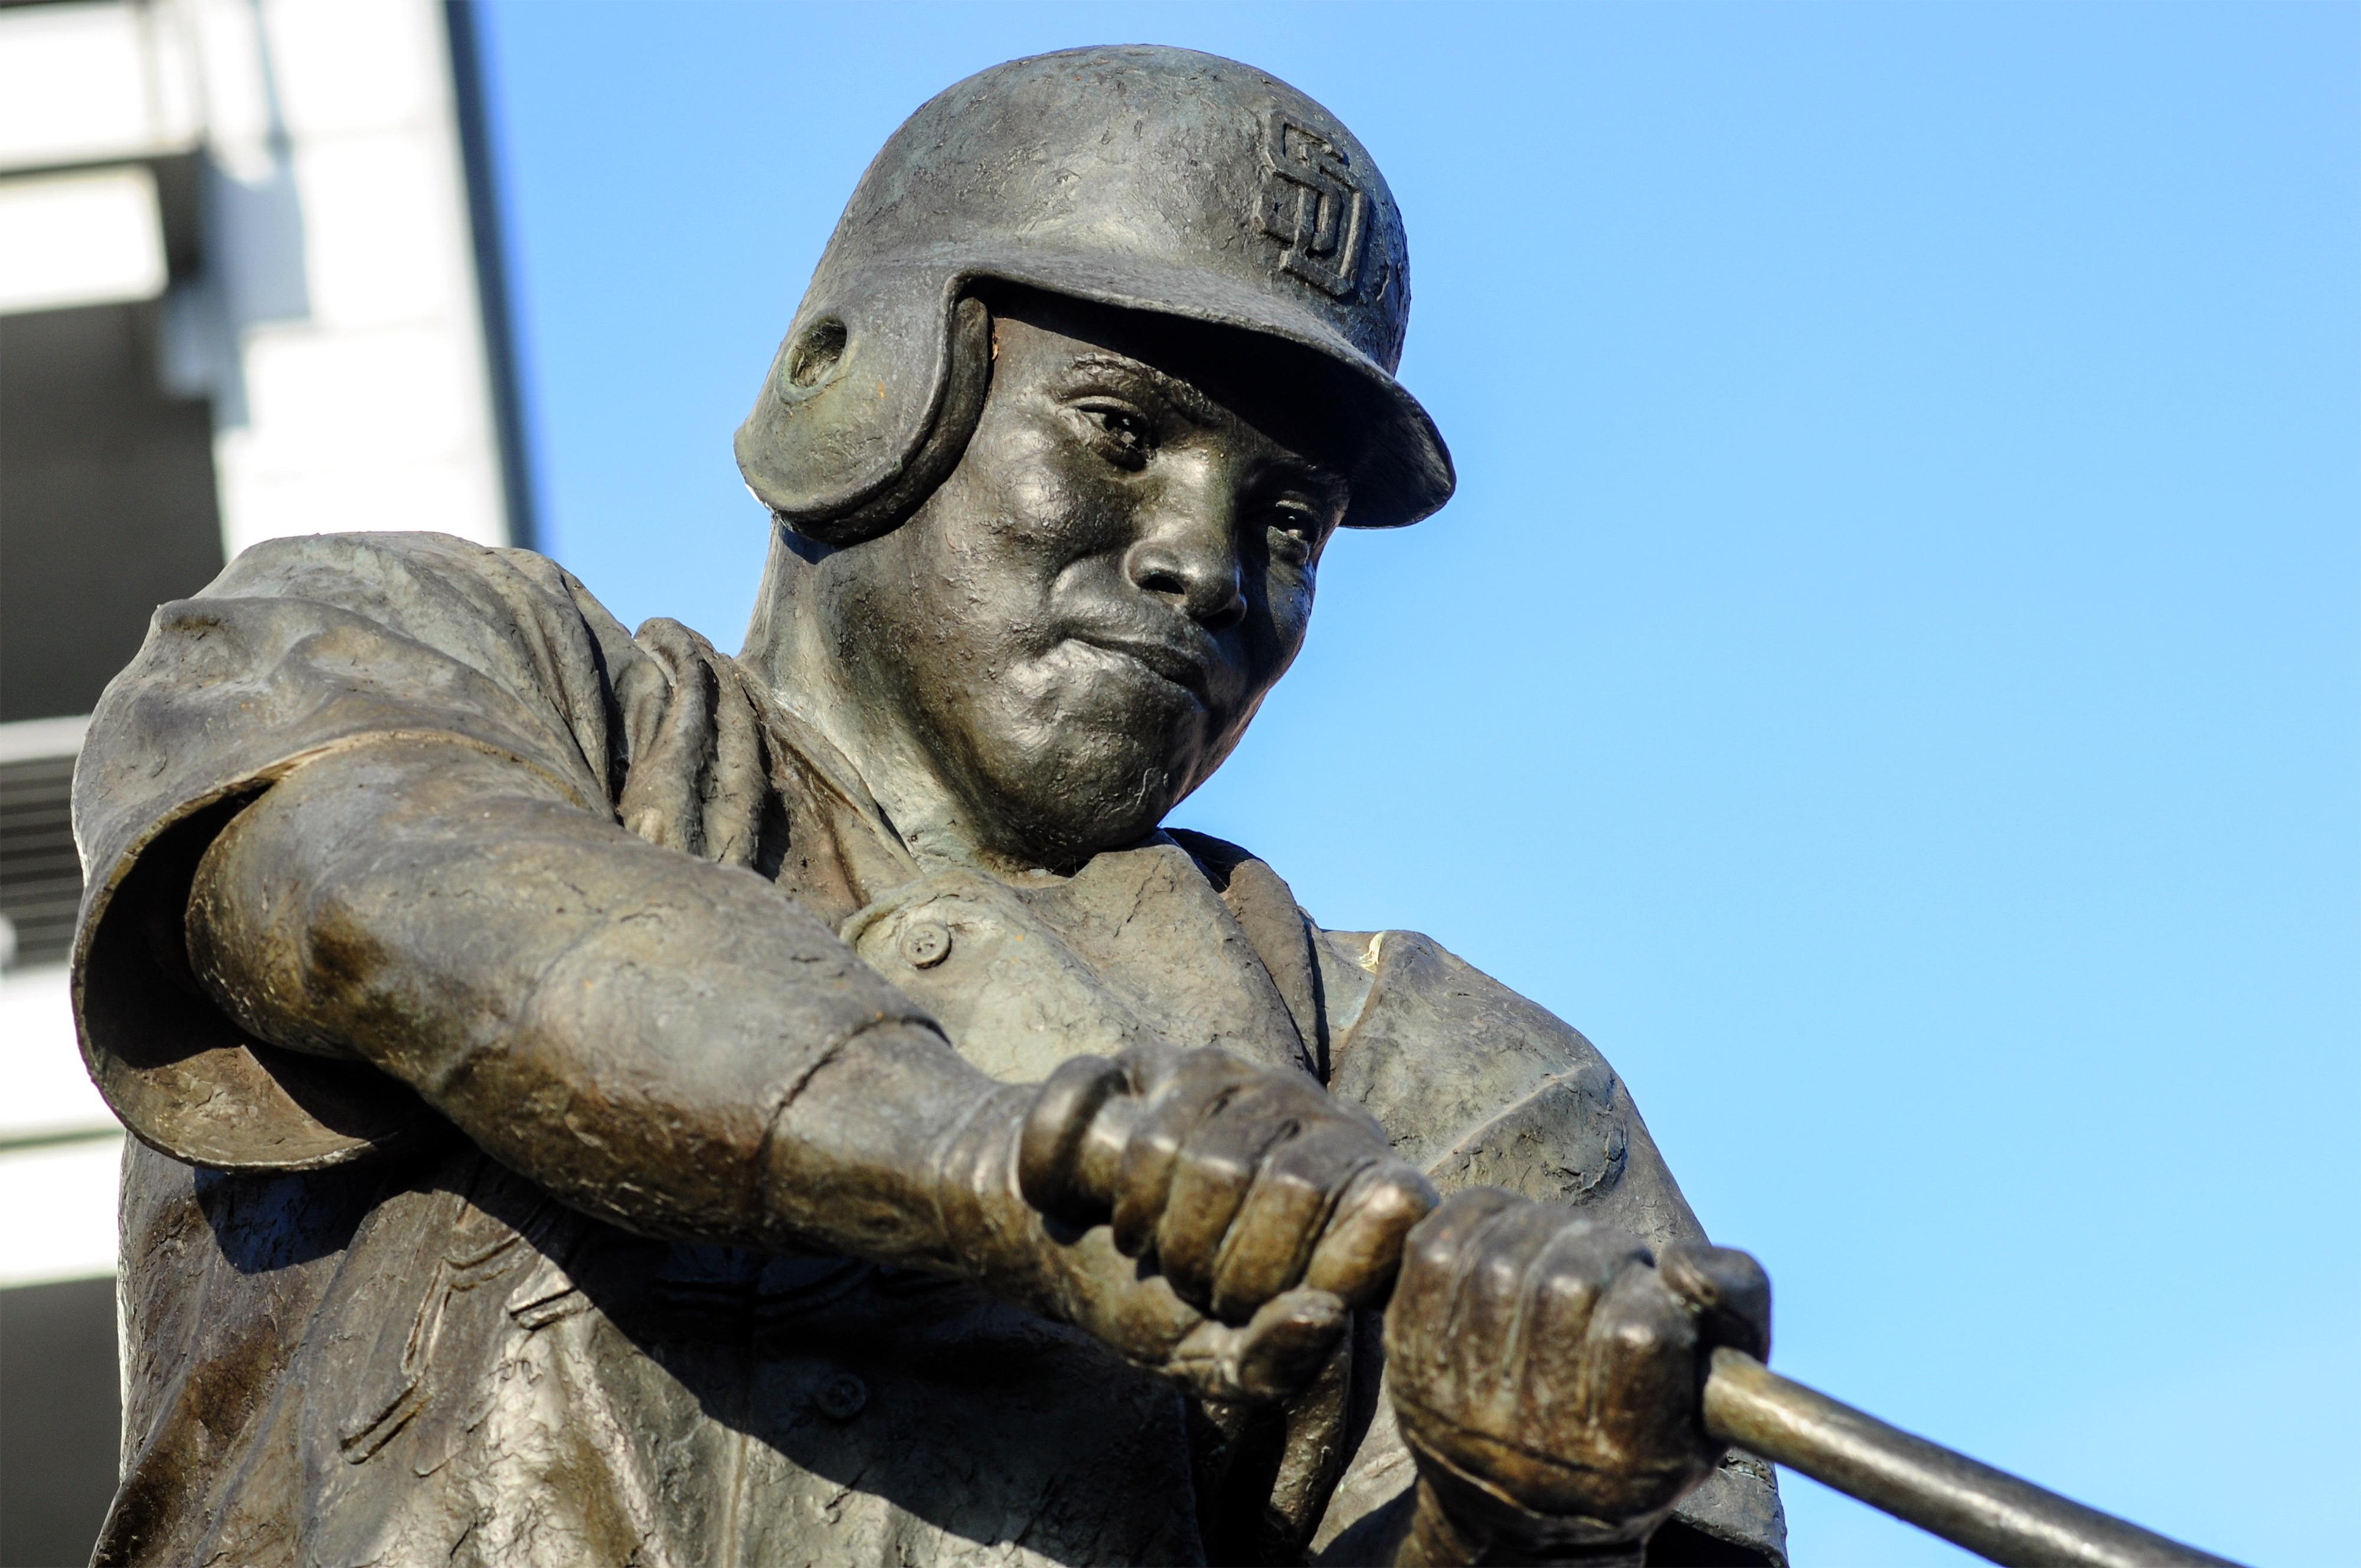 FOX, Major League Baseball fail to adequately explain absence of Tony Gwynn tribute